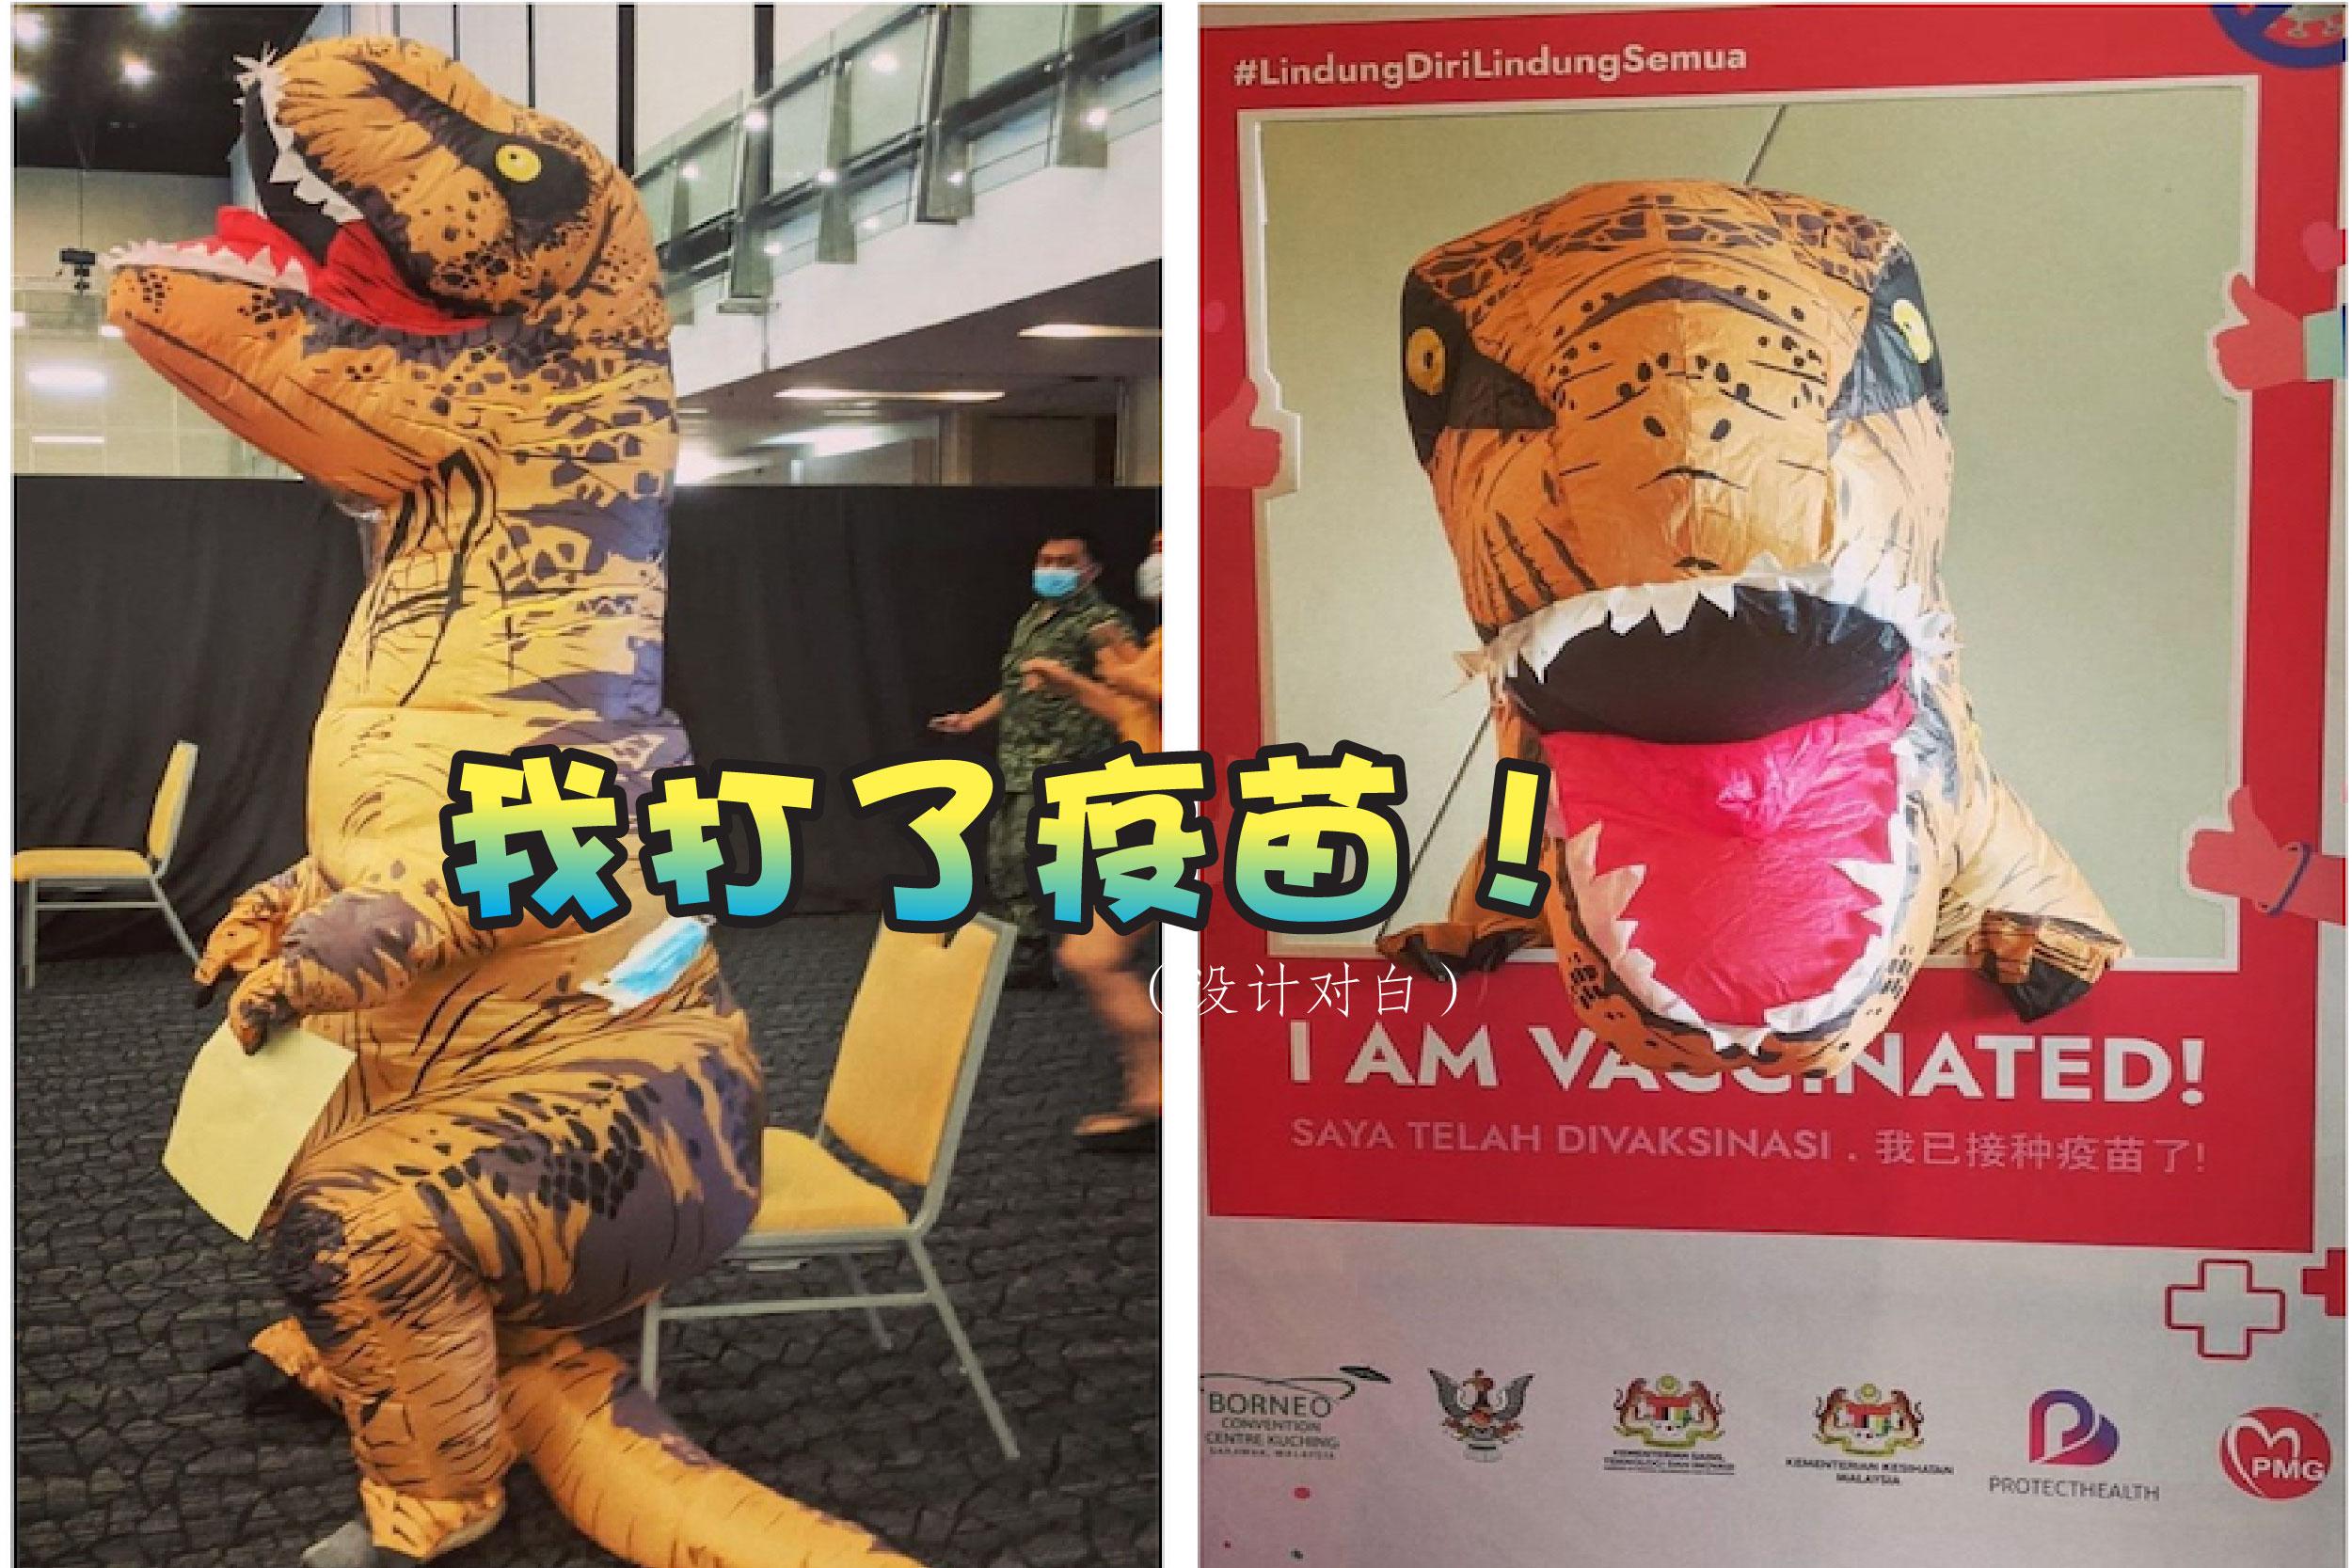 """本地男子变身""""恐龙"""",前往古晋婆罗洲会展中心(BCKK)接种疫苗!-截图自@kennysia Instagram视频/精彩大马制图-"""